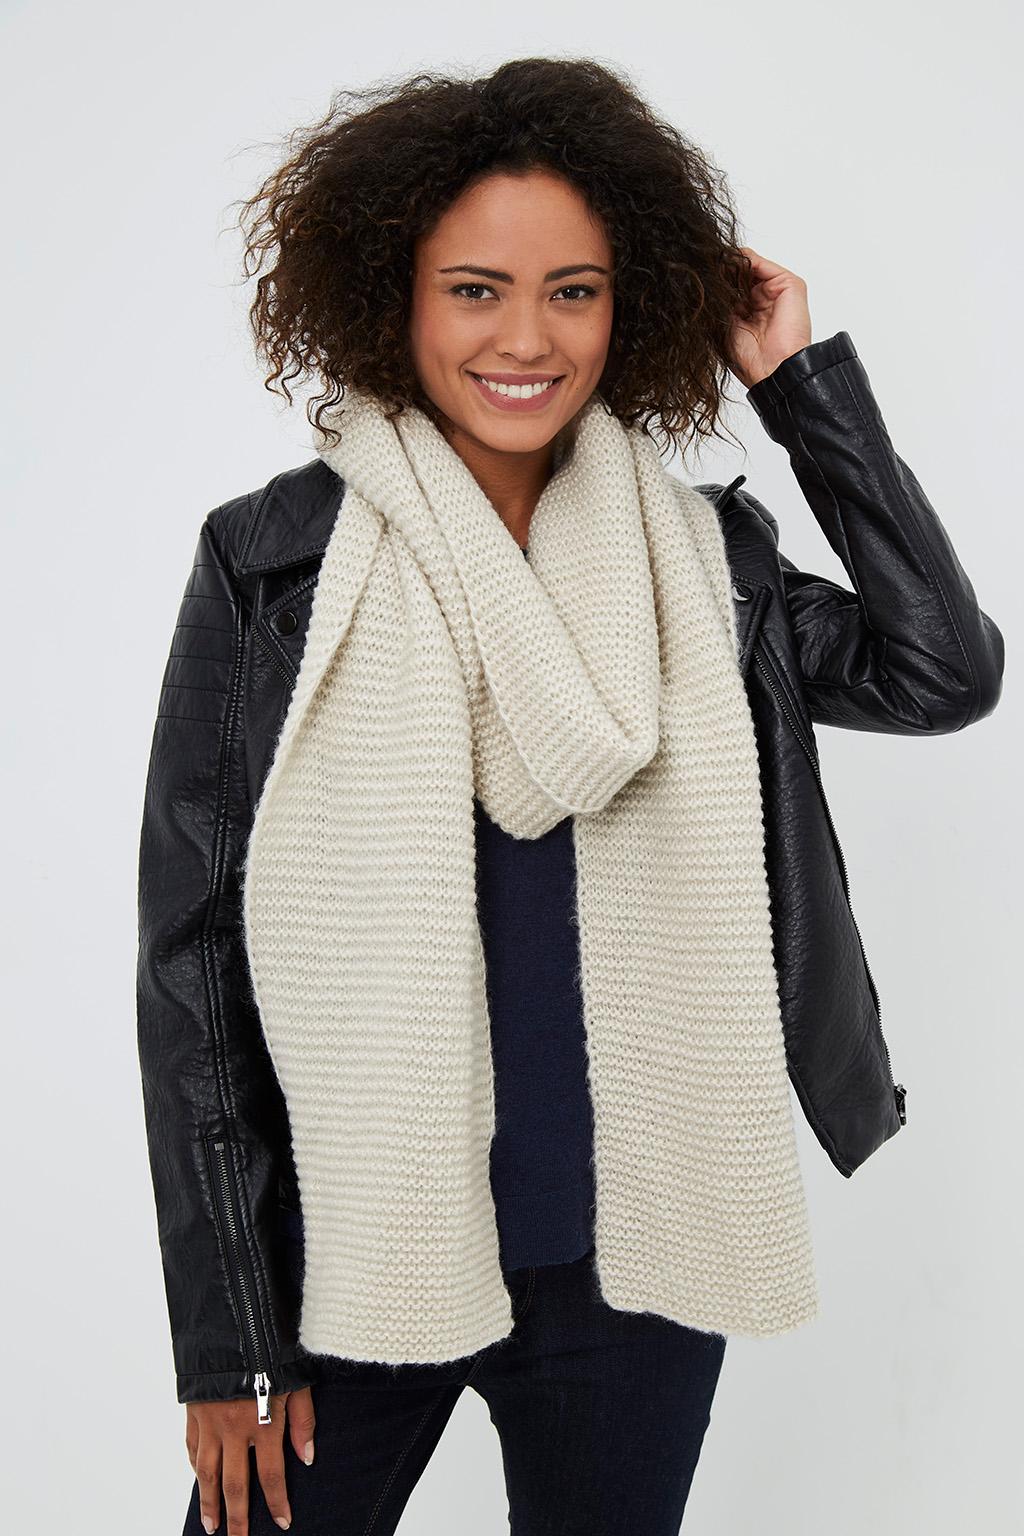 Vente privée Showroomprivé Camaieu accessoires pour femme, écharpe beige